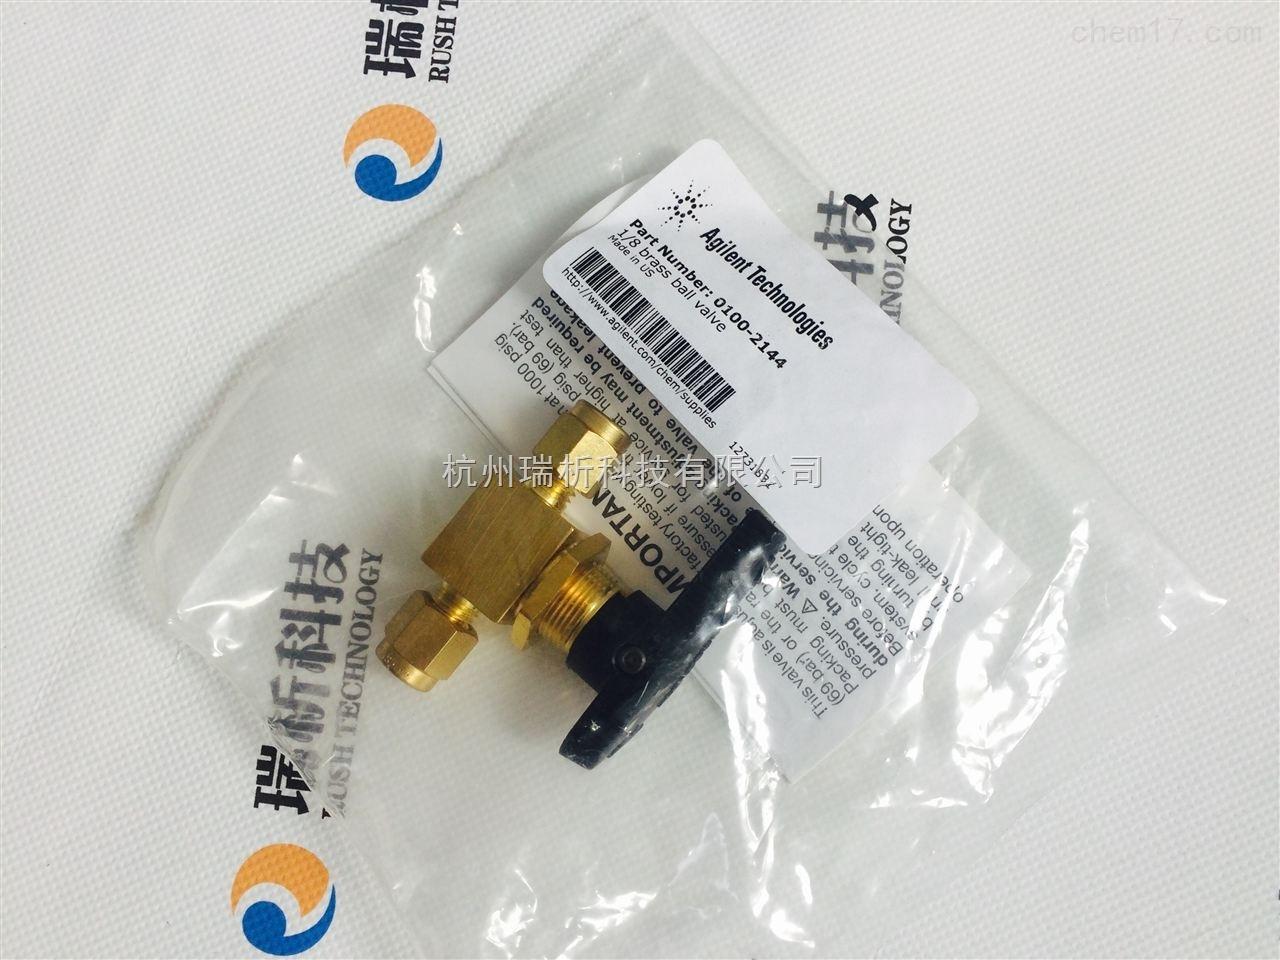 0100-2144色谱柱液相色谱柱0100-2144Ball valve, 18 inch2